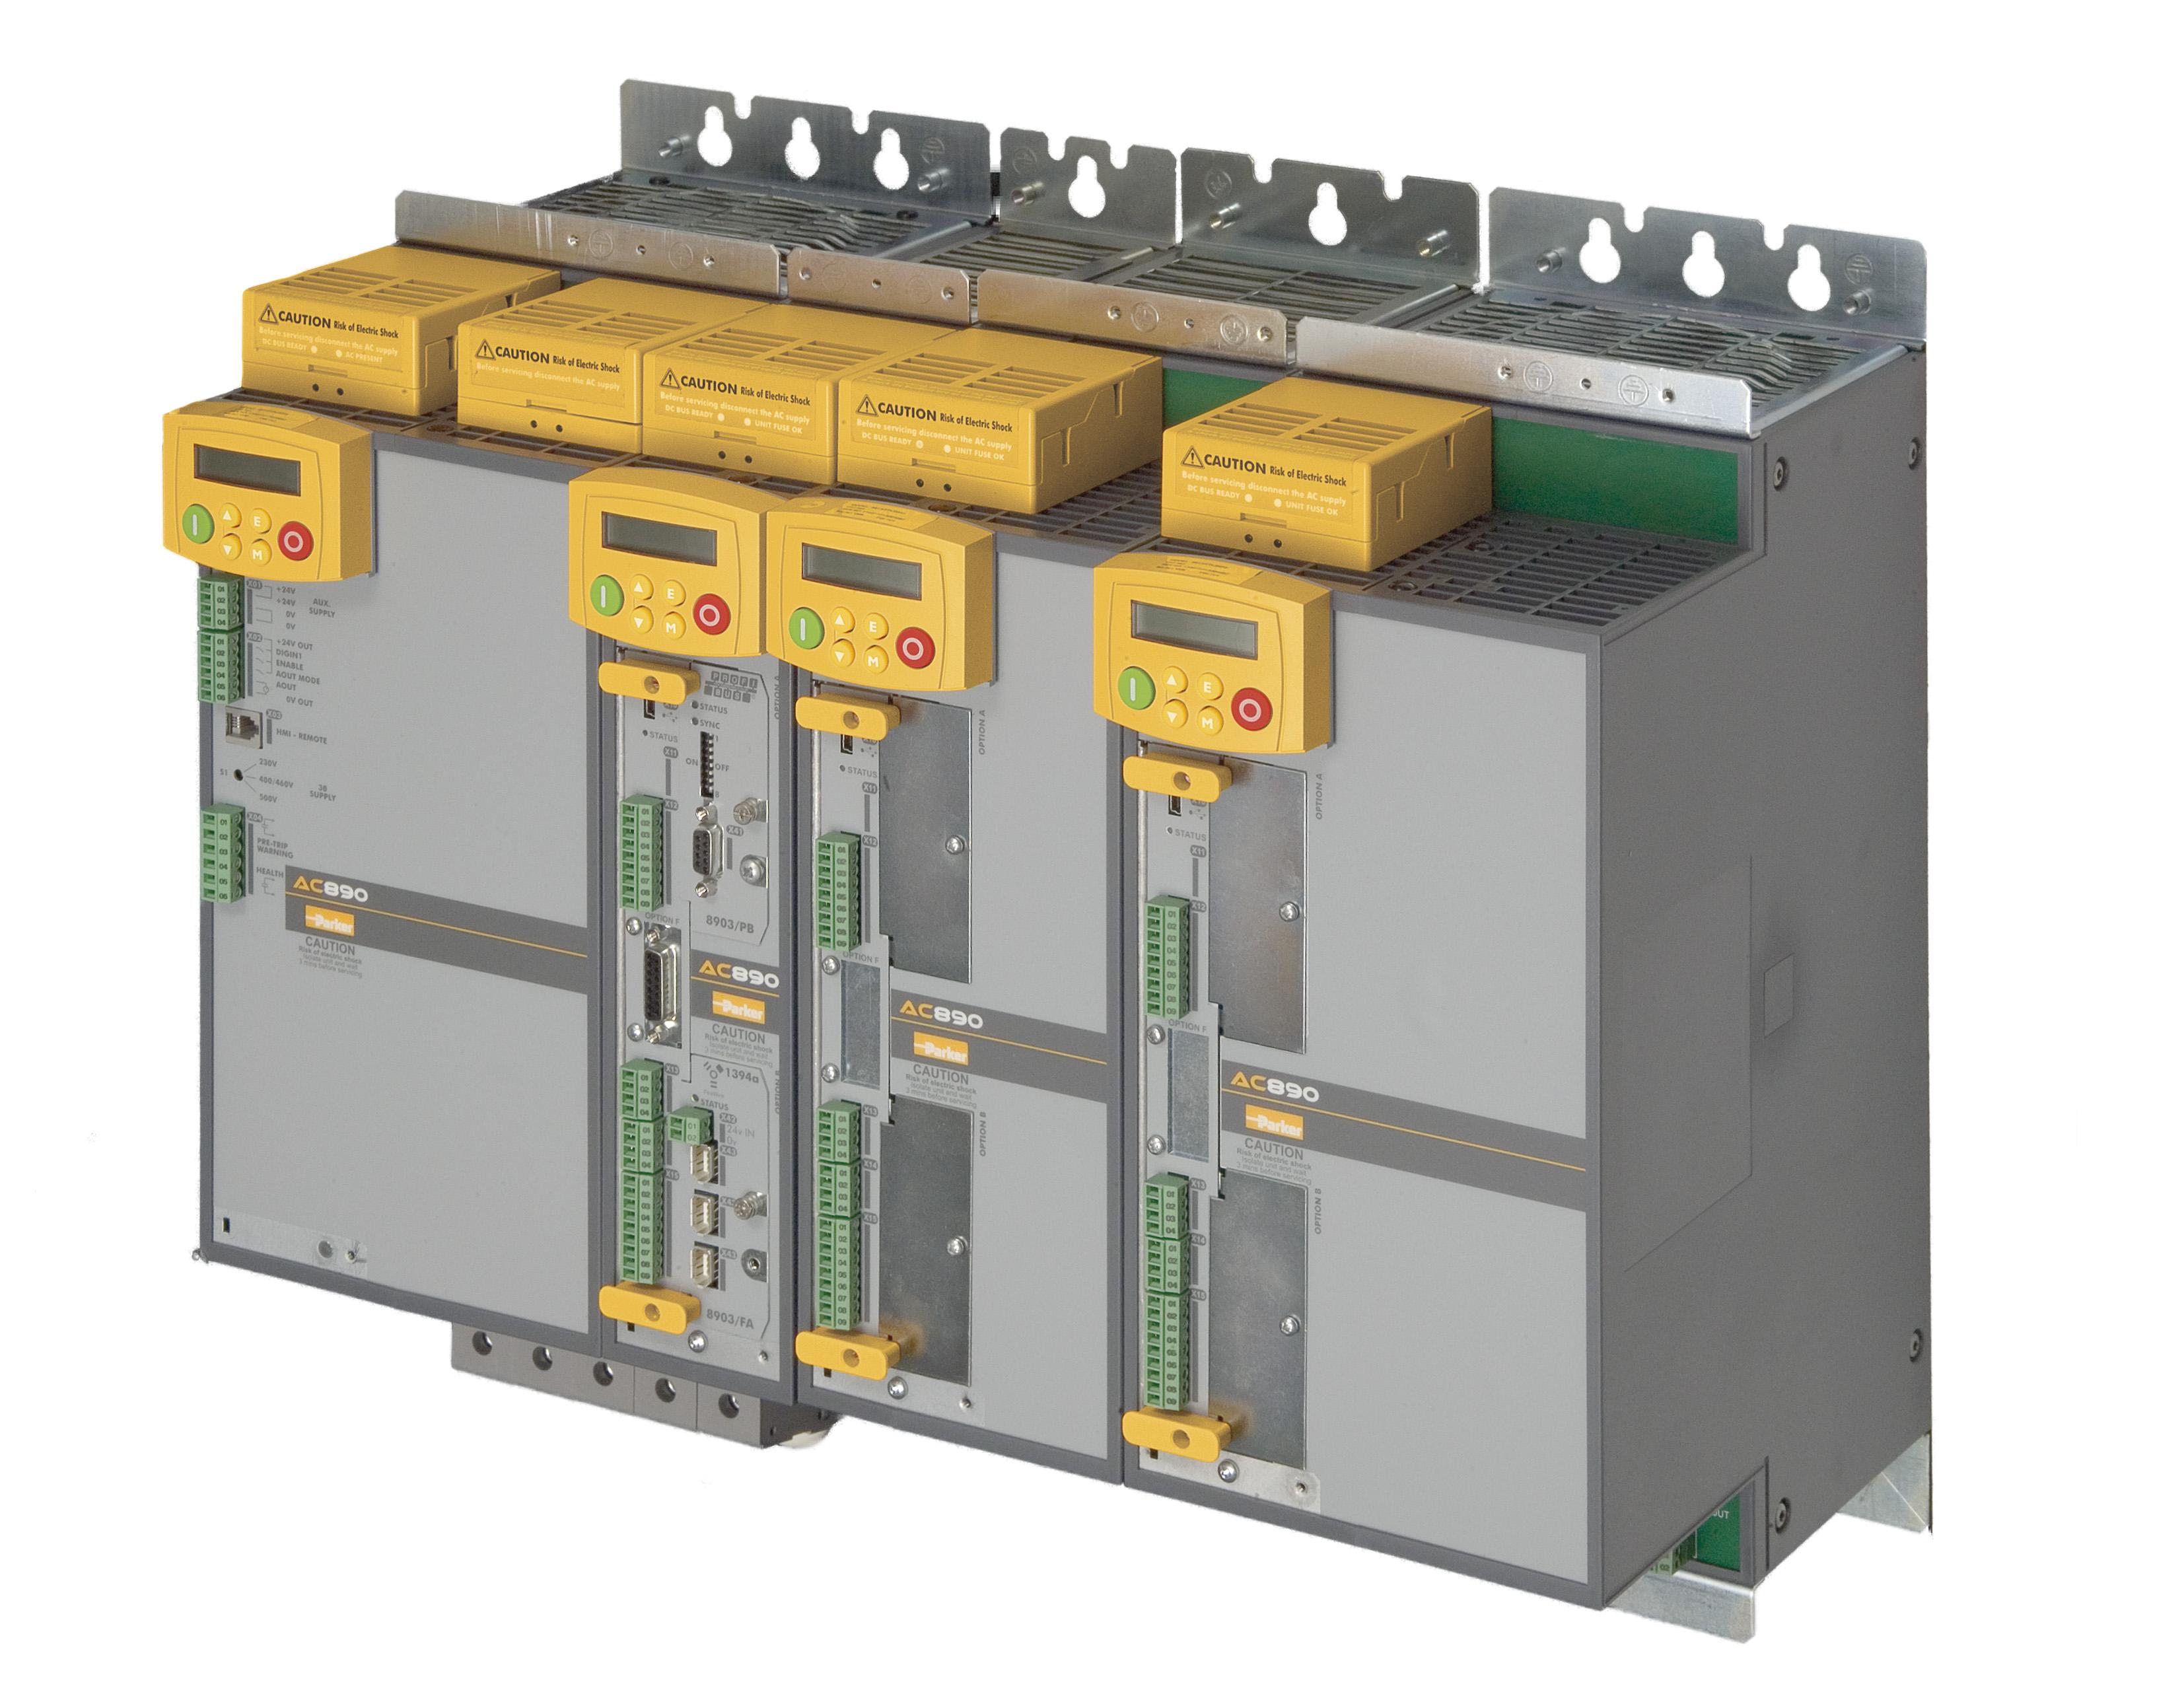 Parker AC890 rack